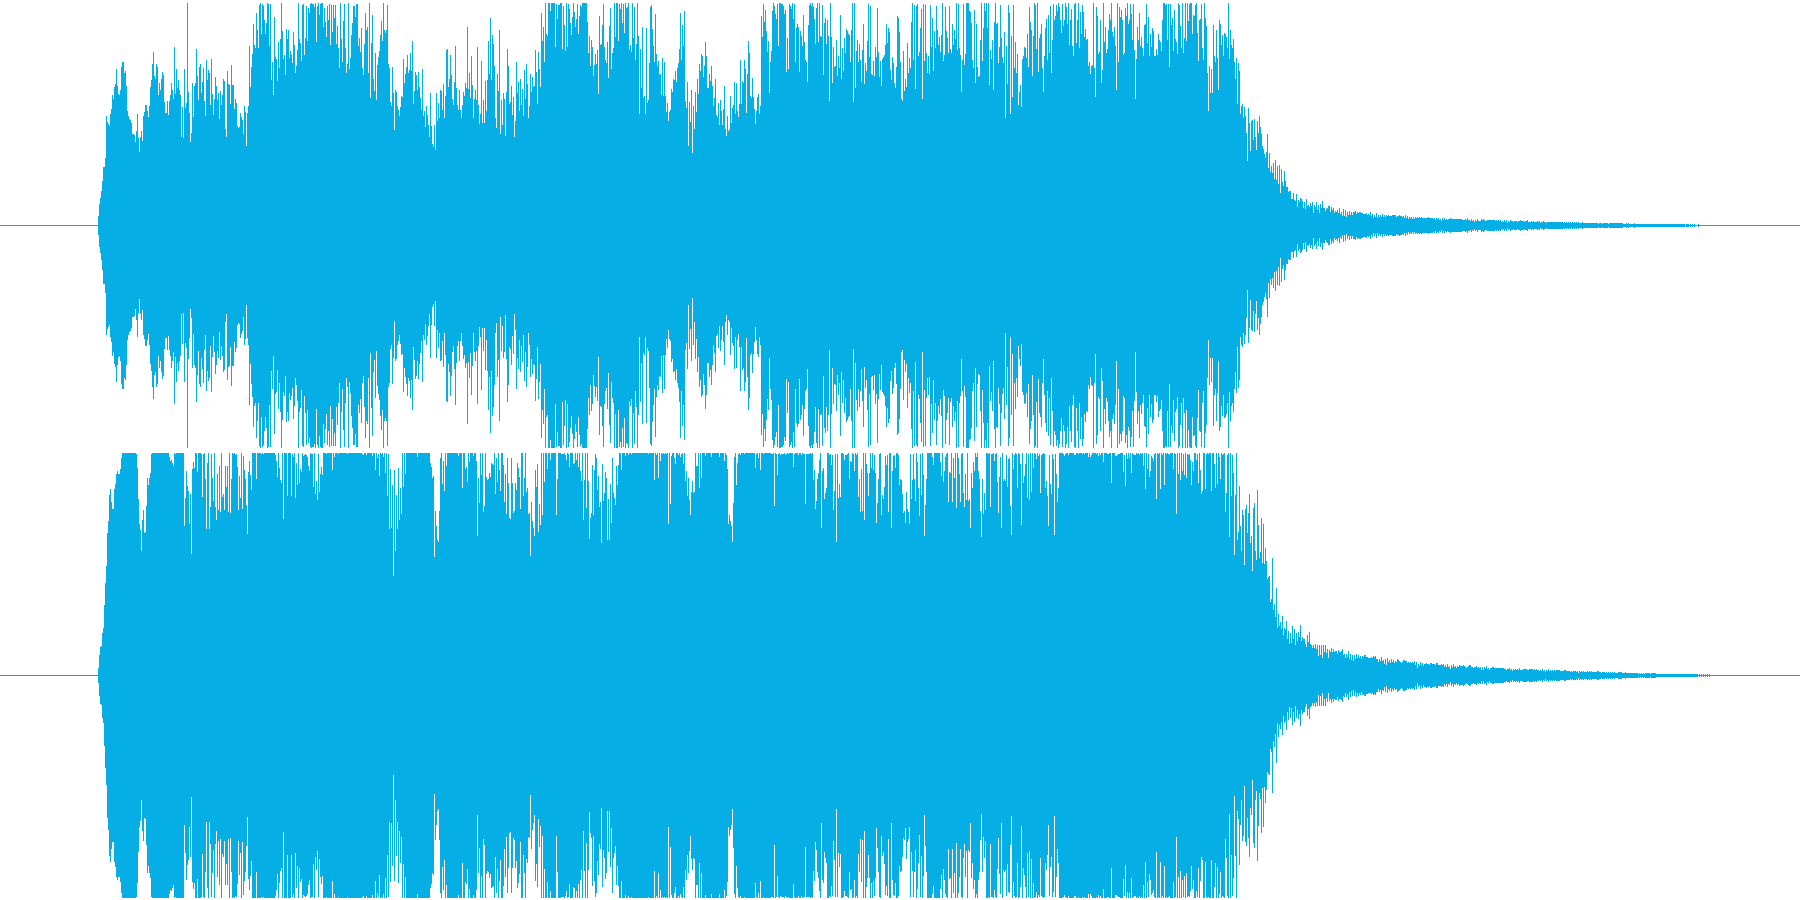 おどろおどろしいファンファーレの再生済みの波形